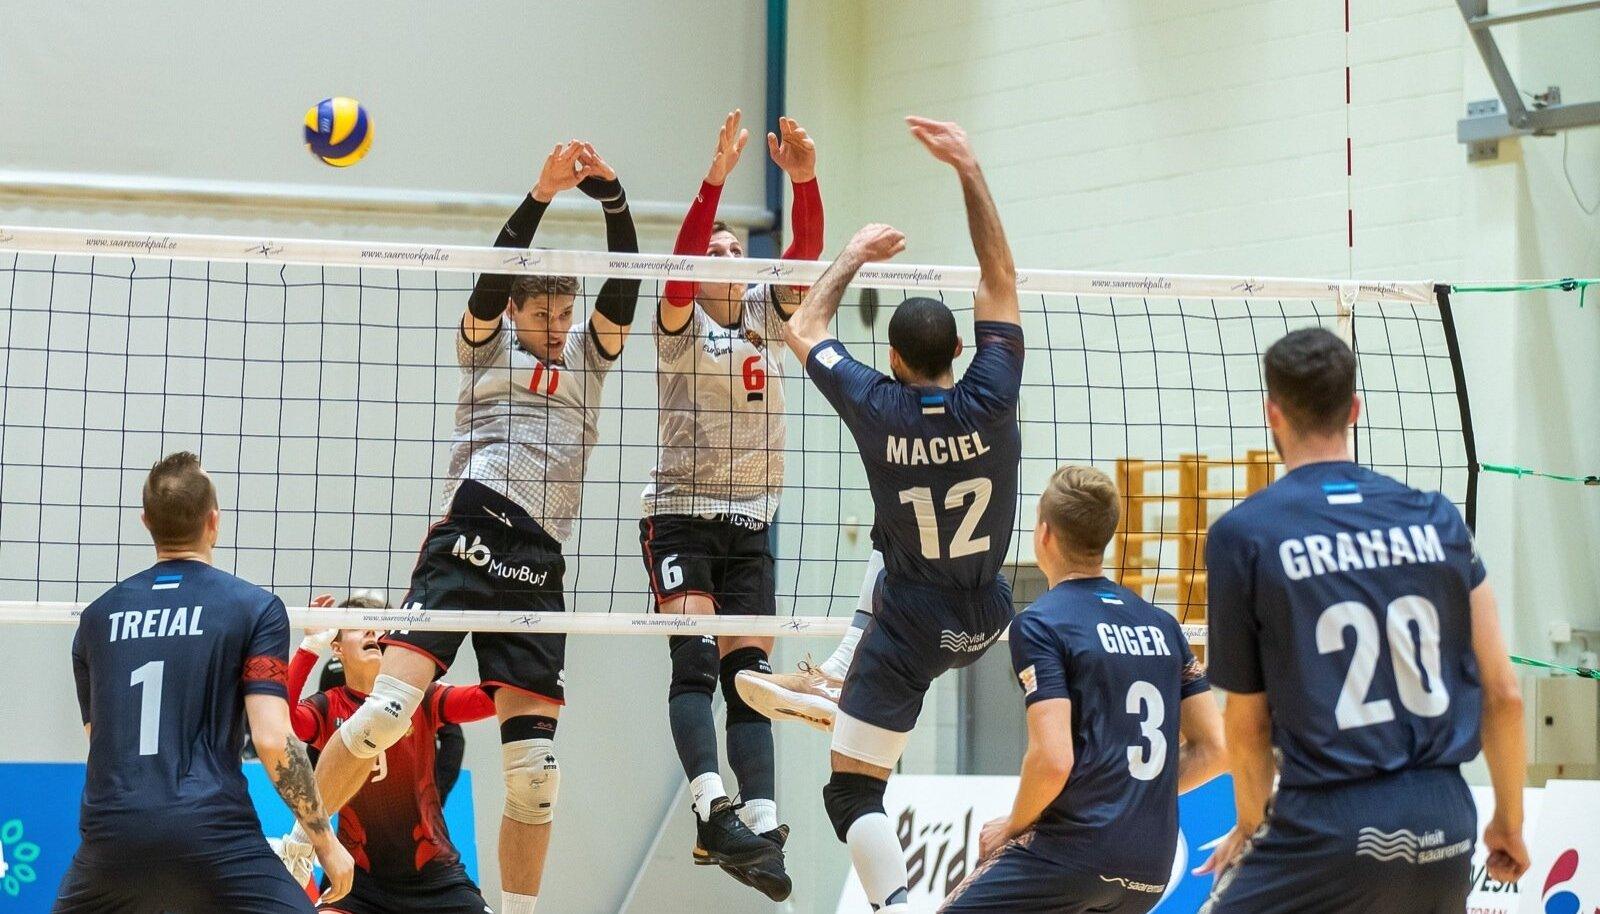 Credit 24 võrkpall, Saaremaa, Selver Tallinn. Kaks esimest geimi võitis Selver, siis sai Saaremaa hoo sisse ja võitis kolm järgmist. Saaremaa jätkab täiseduga